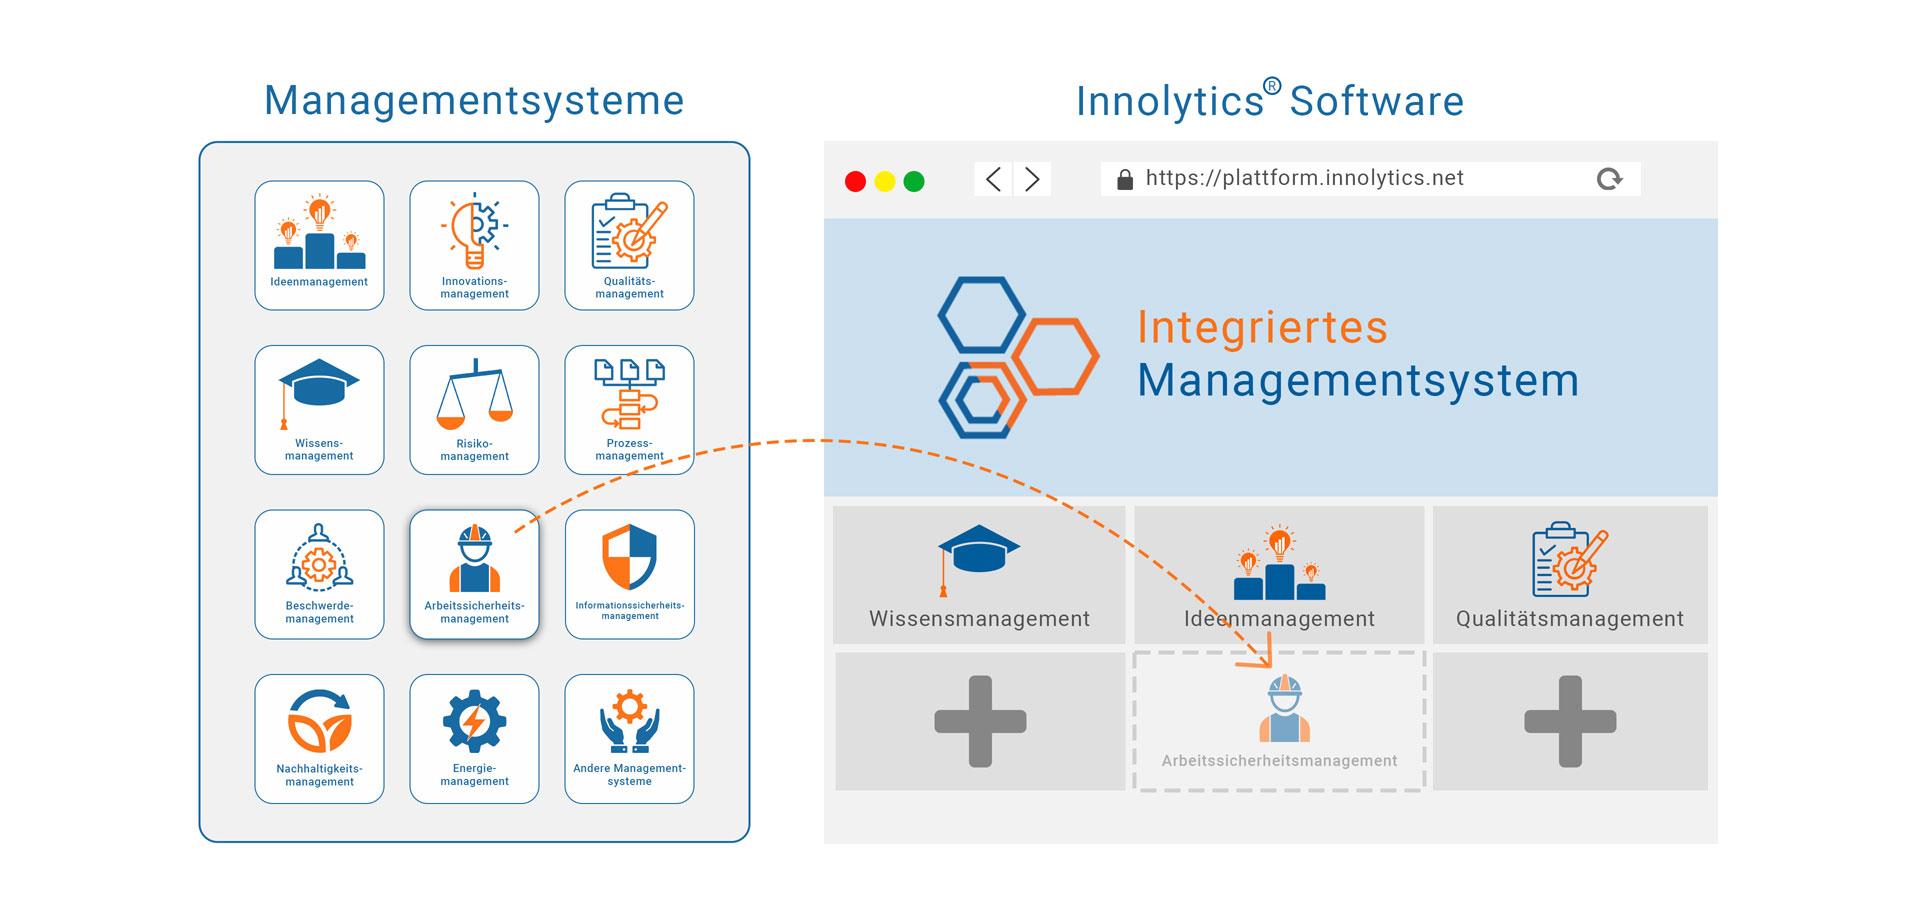 Die Grafik erklärt die Funktionsweise einer Software für integrierte Managementsysteme